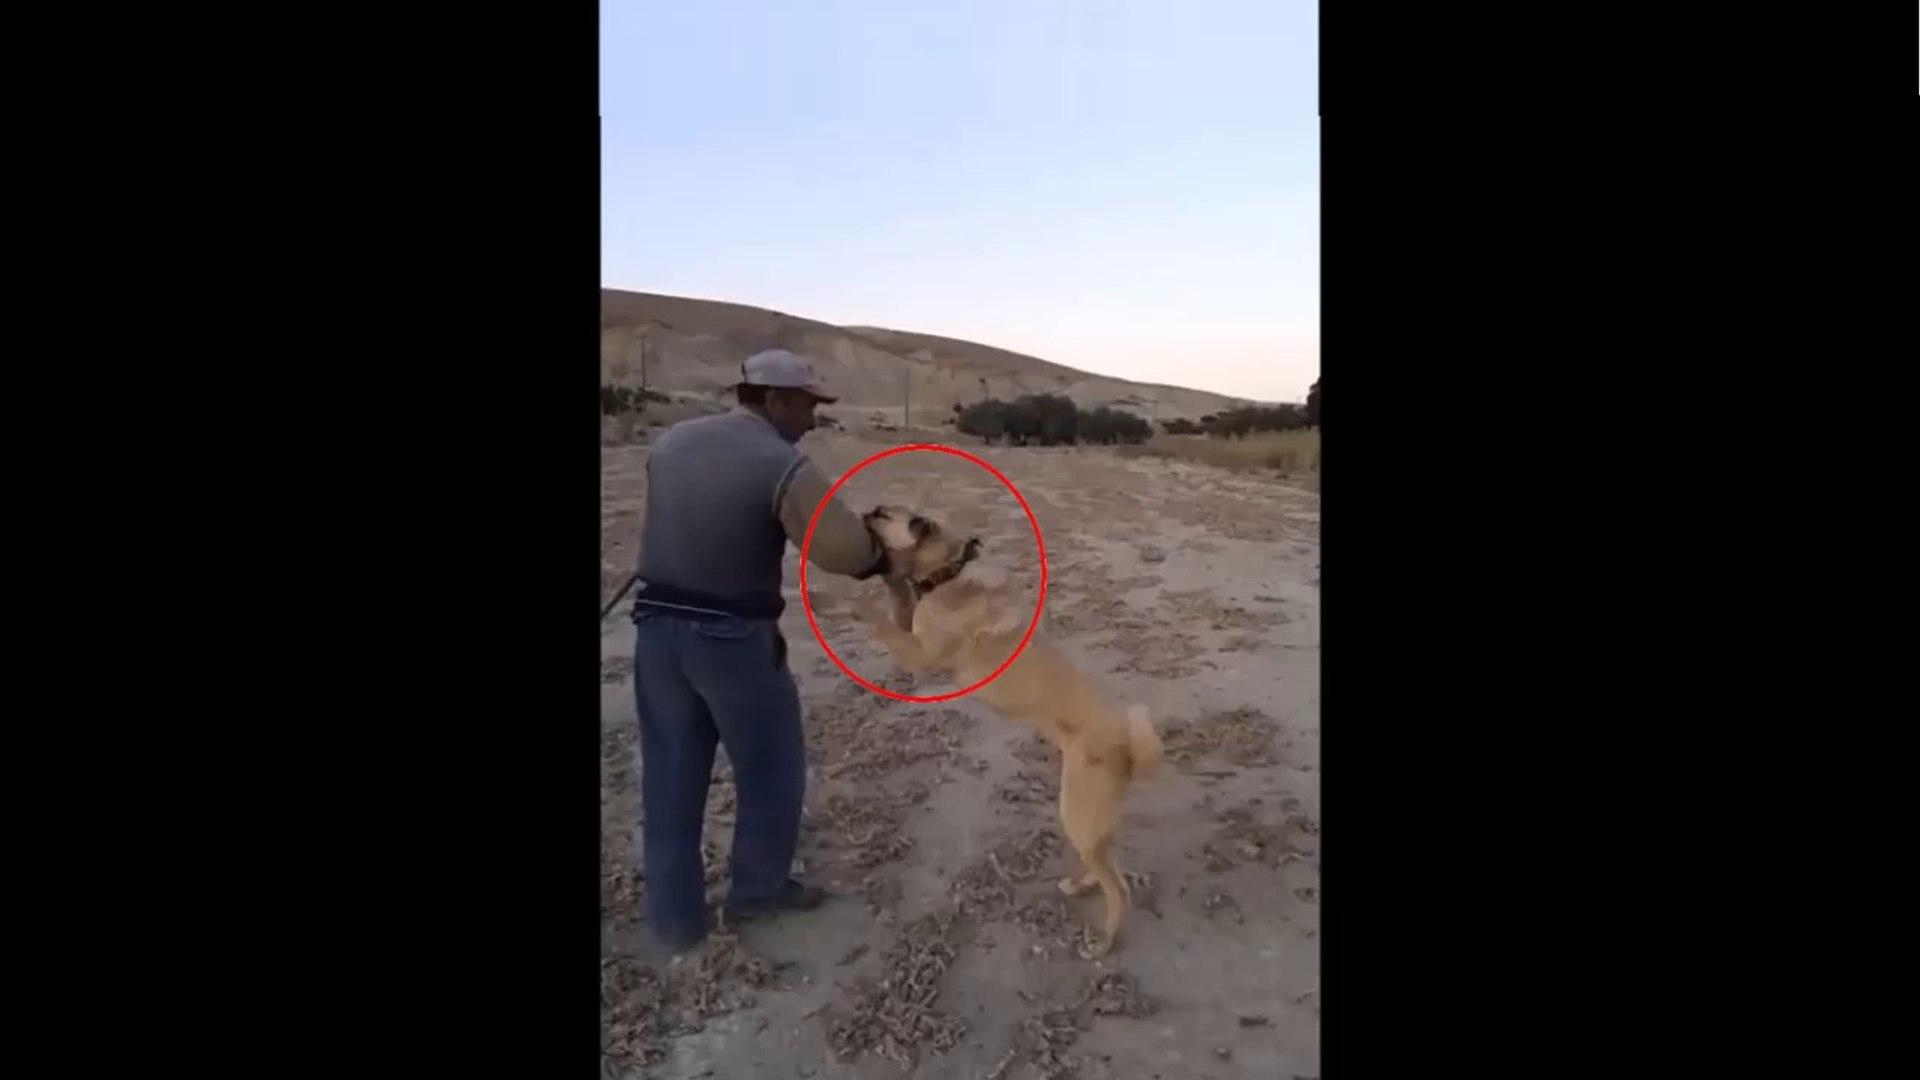 COBAN KOPEKLERi GOREV BASINDA - ANATOLiAN SHEPHERD DOGS and SHEEP WATCH